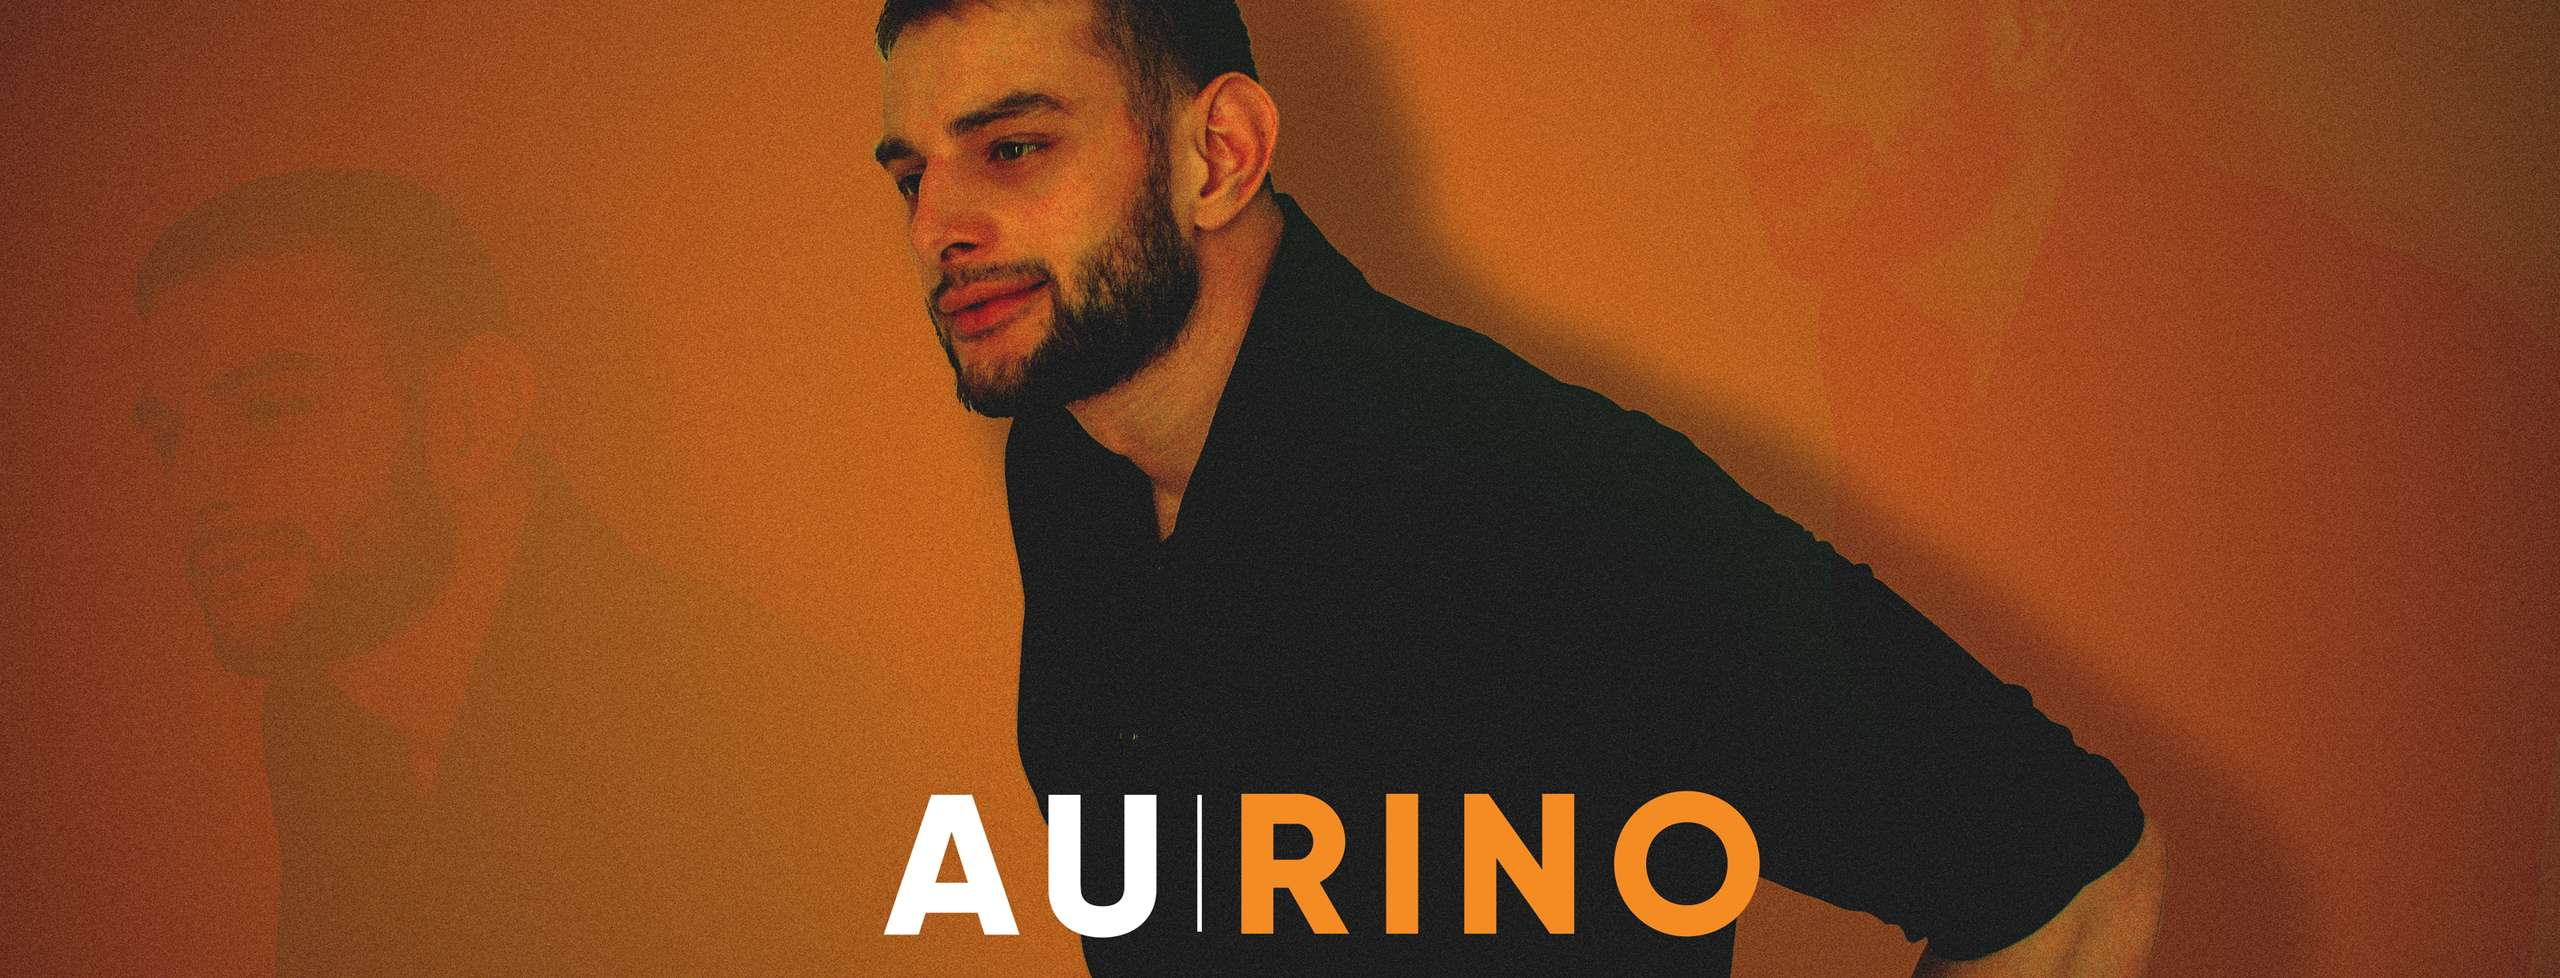 AuRino